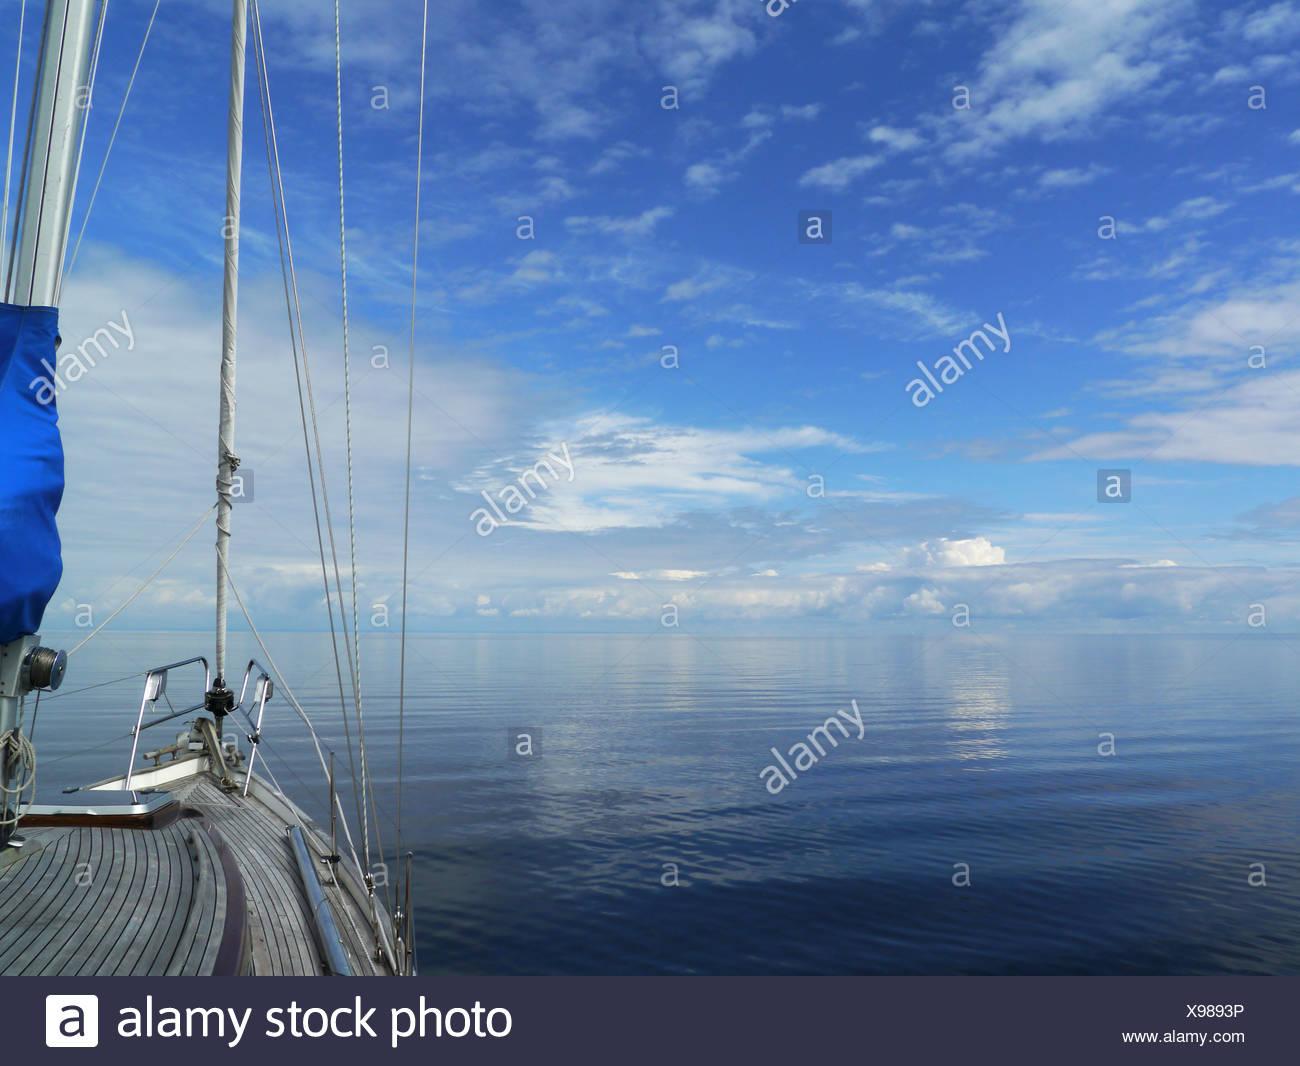 calmness at lake vänern, värmlands län, värmland, sweden - Stock Image